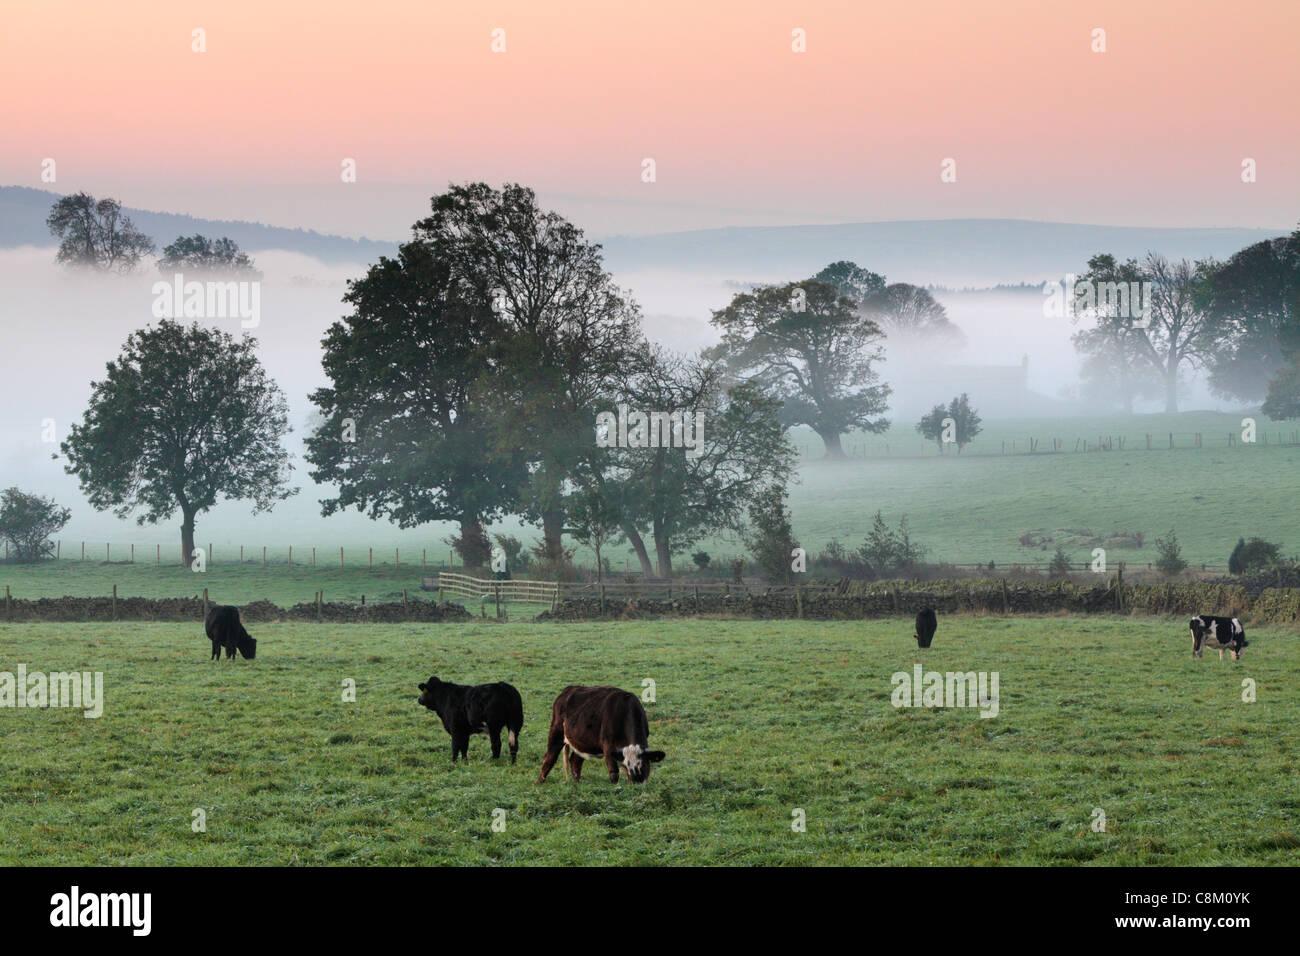 Il pascolo di bestiame in autunno misty campi nei pressi Fewston in Yoorkshire, Inghilterra Immagini Stock